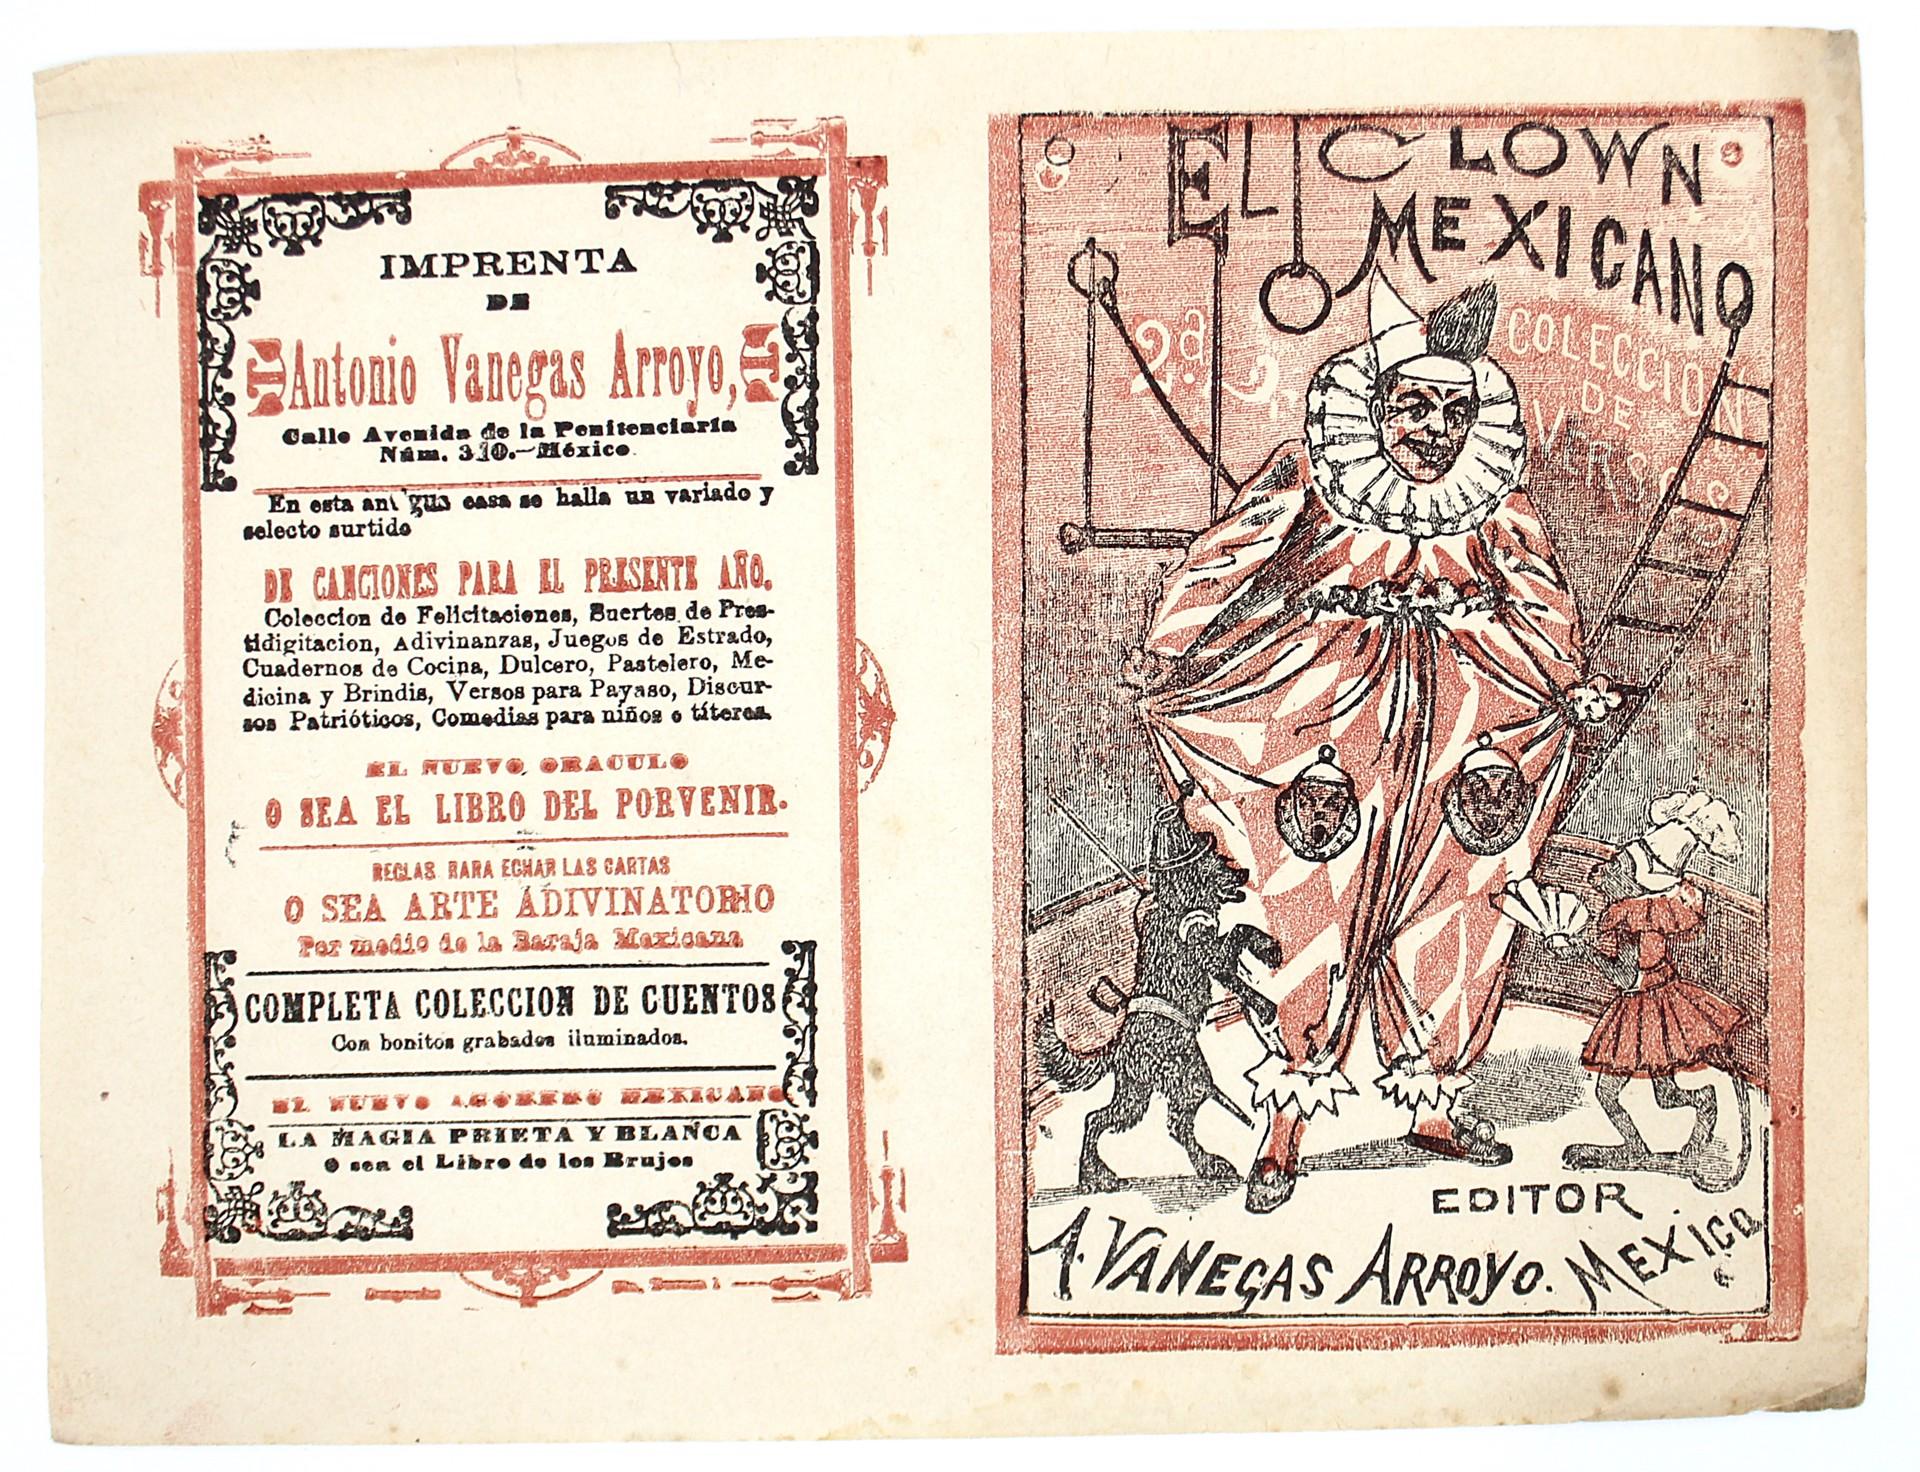 El Clown Mexicano, Colección de versos, No. 2 by José Guadalupe Posada (1852 - 1913)